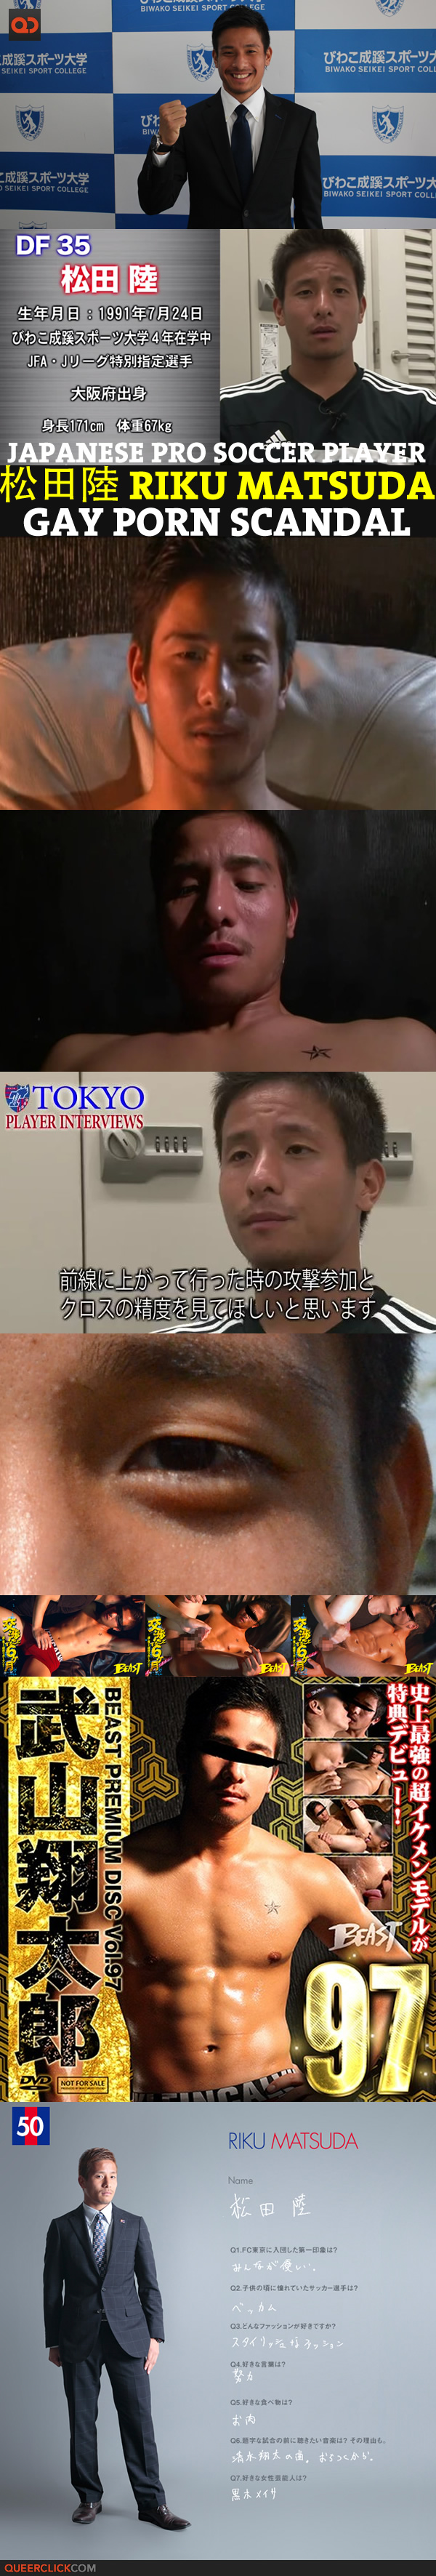 Japanese Pro Soccer Player 松田陸 (Riku Matsuda) Gay Porn Scandal